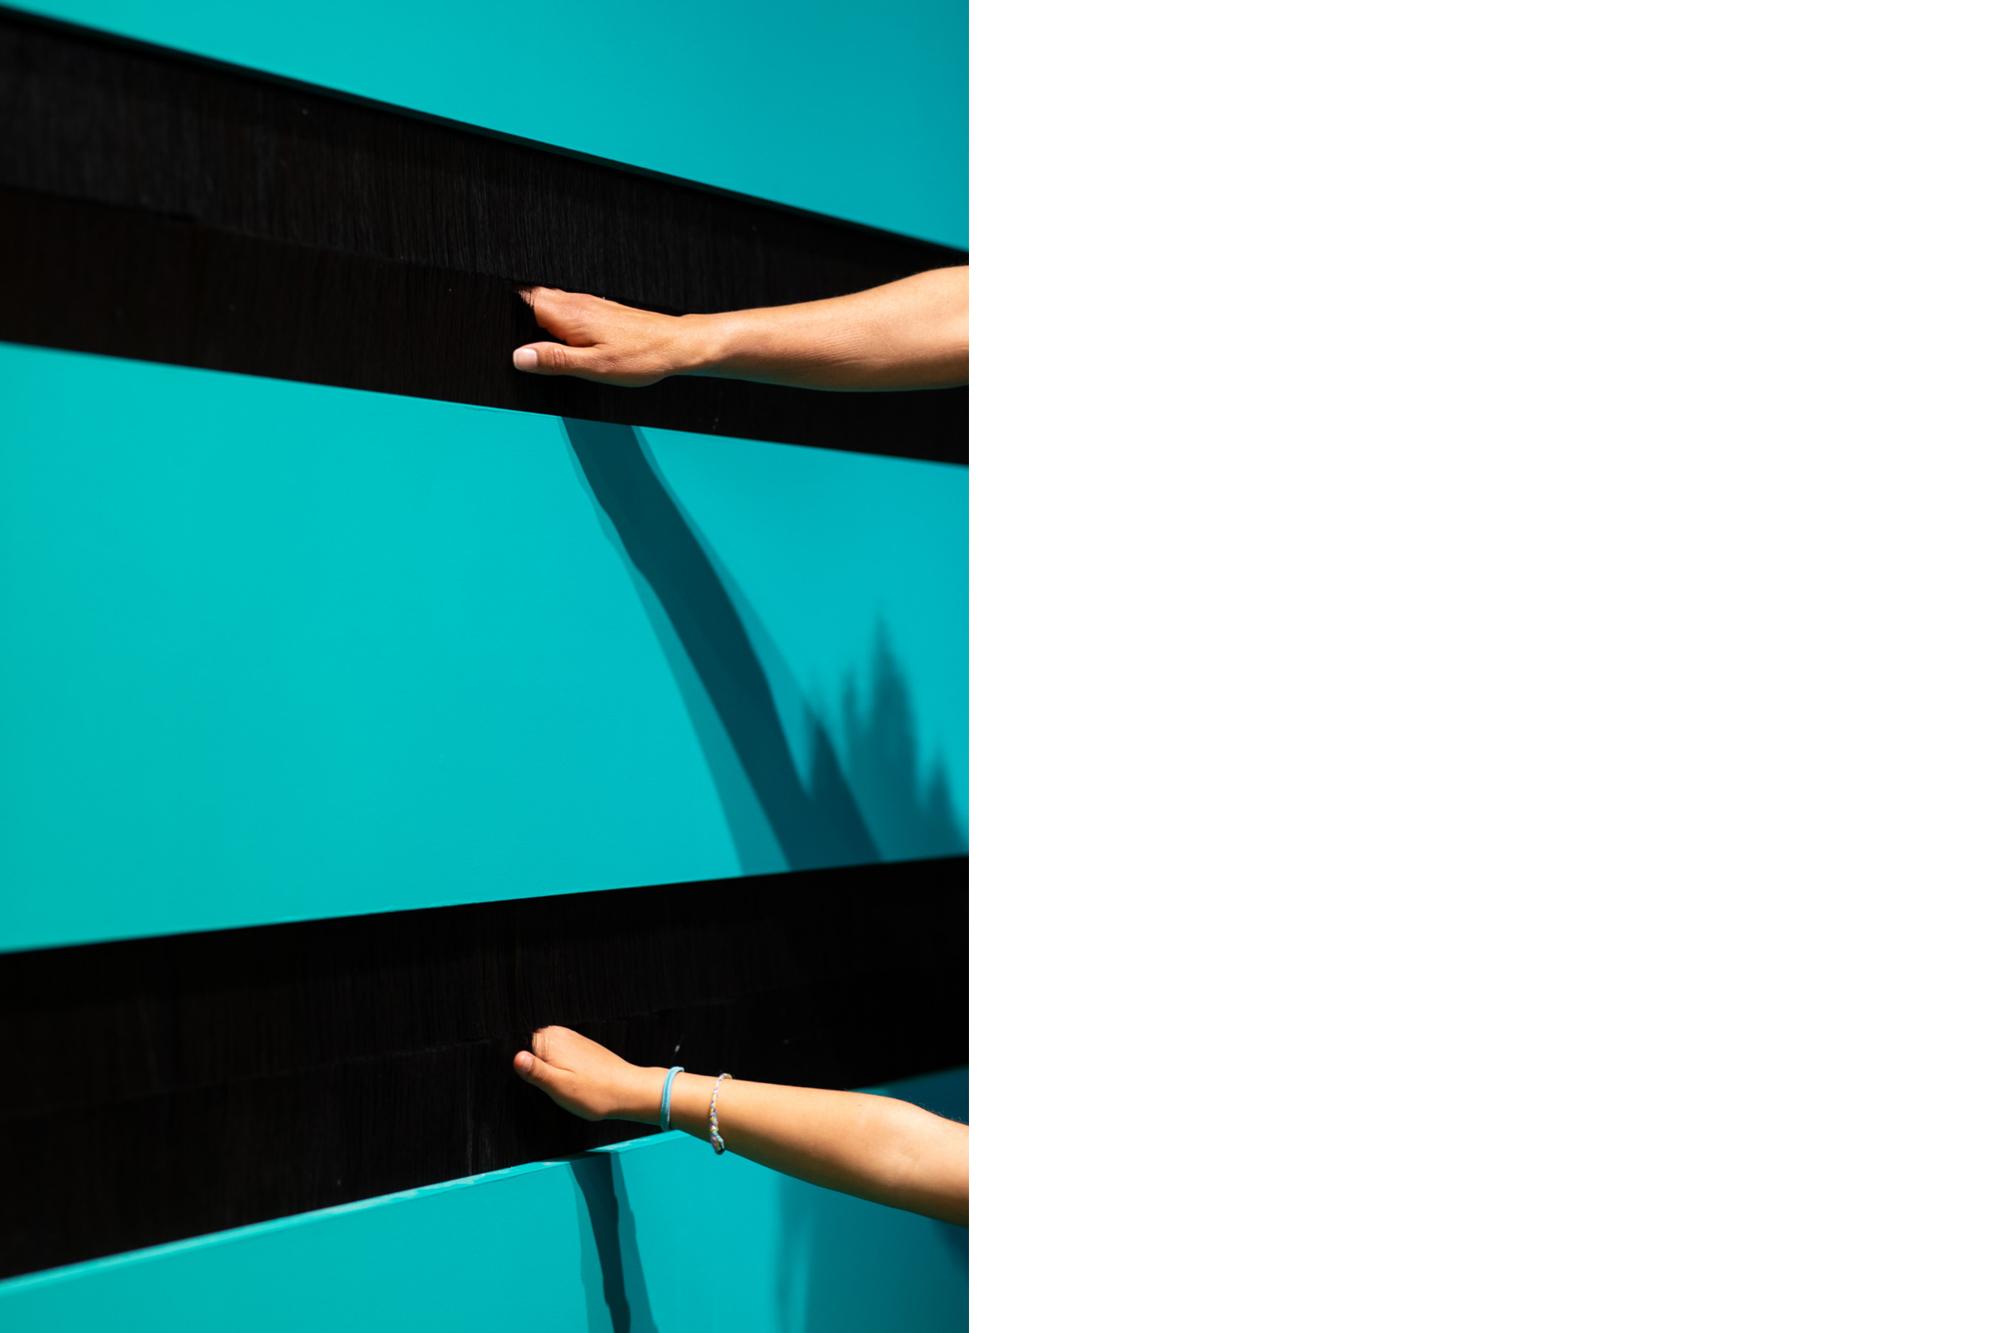 Allestimento Spazio espositivo Amleto Bertoni Saluzzo Sara Fortin design interior concorso tatto percorso sensoriale